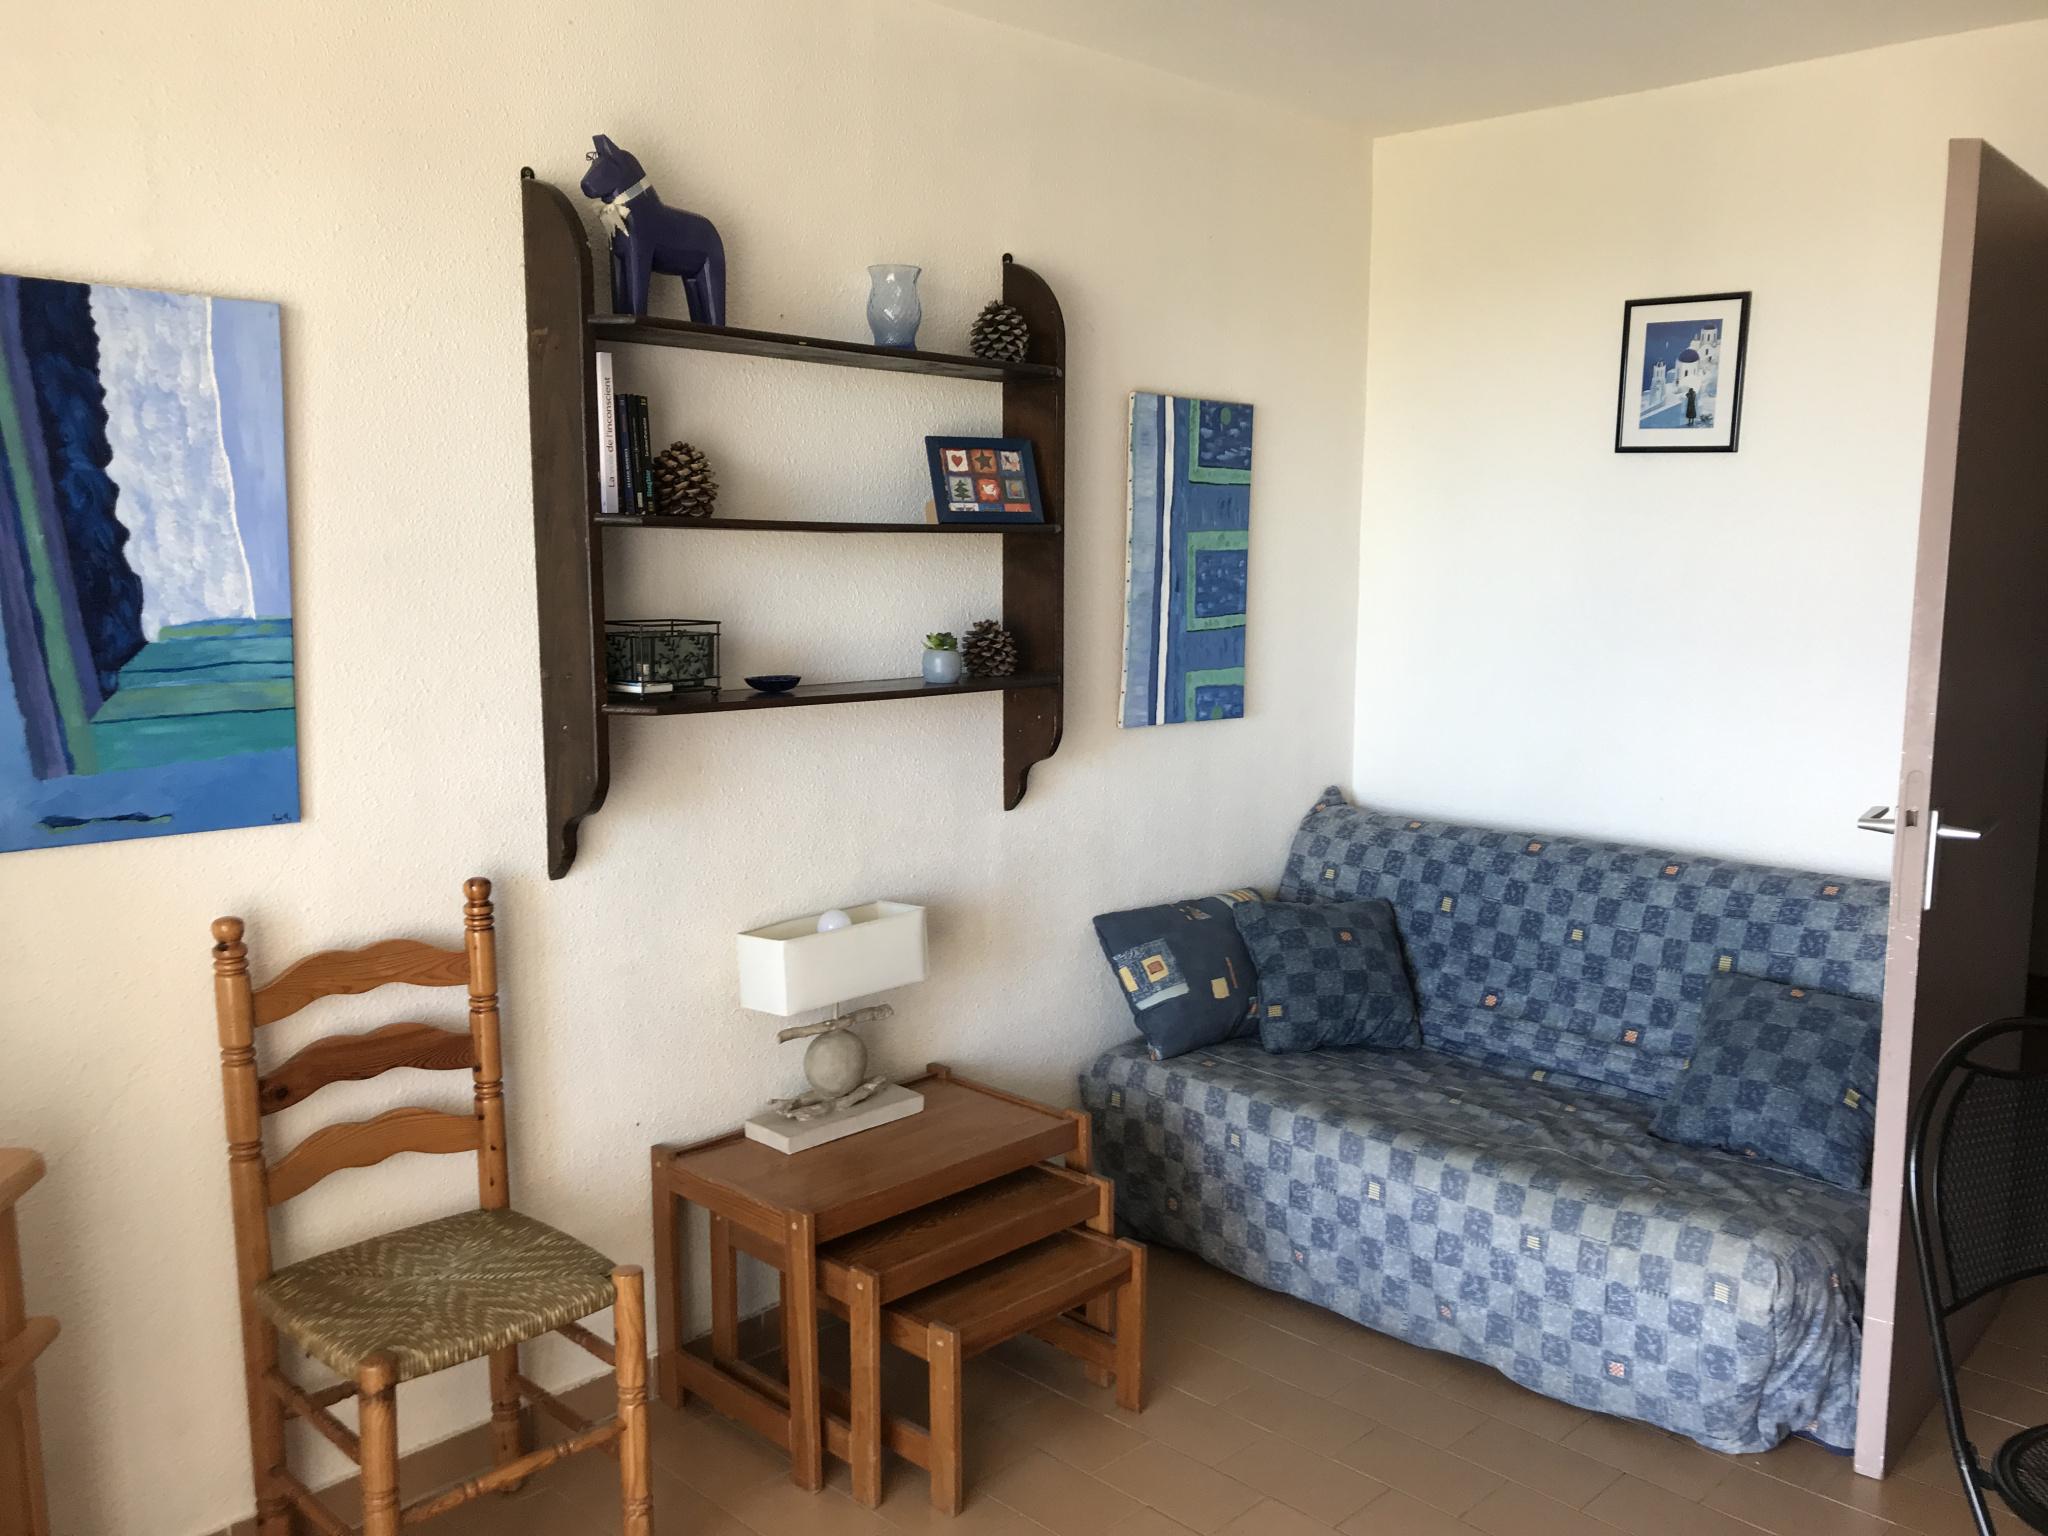 À vendre appartement de 36.46m2 à st cyprien plage (66750) - Photo 13'